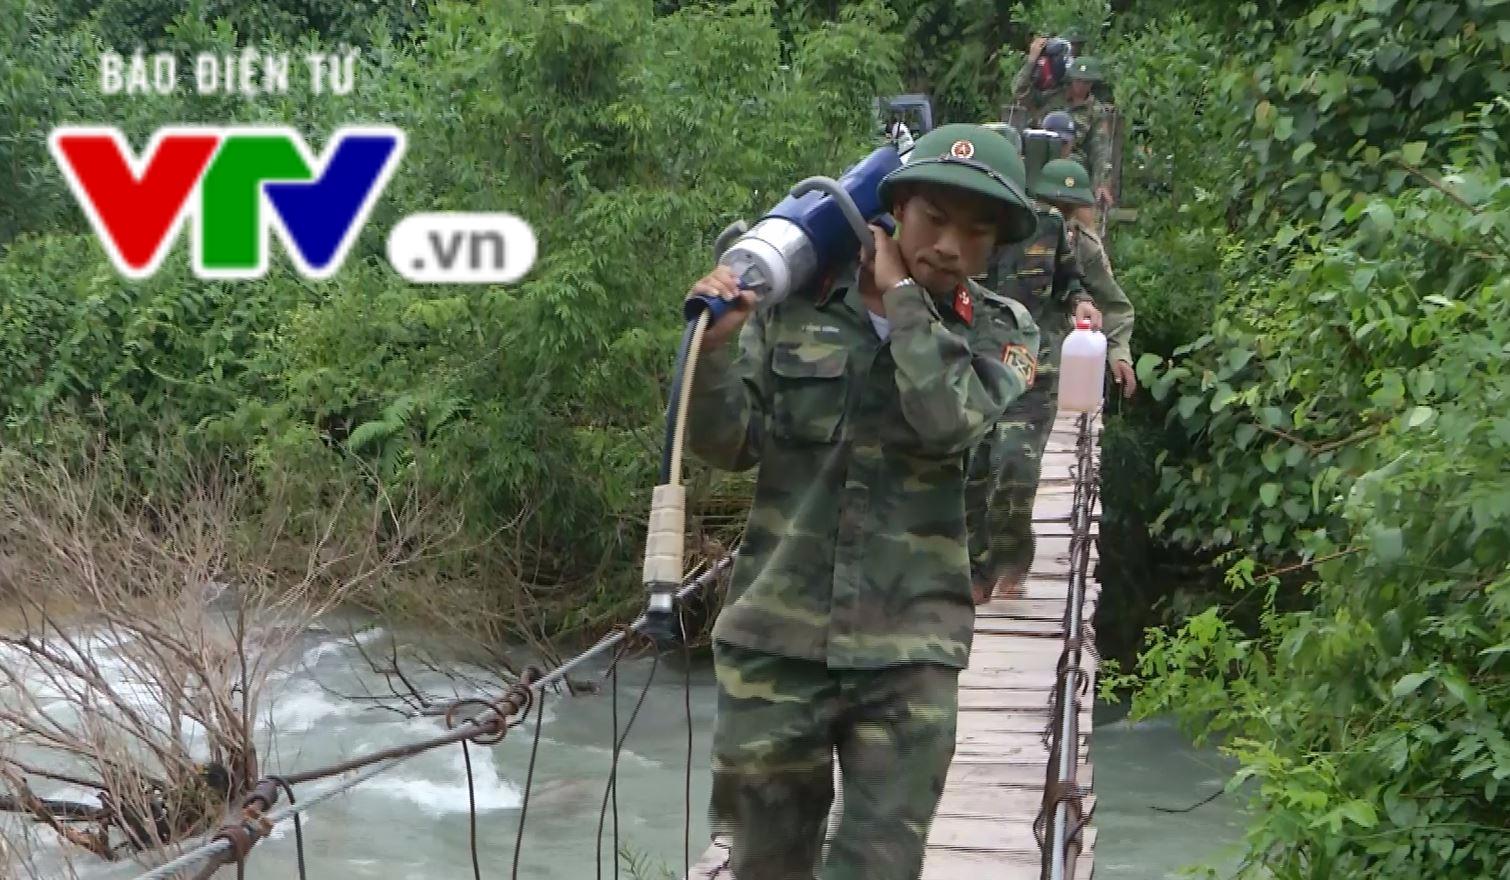 Quảng Nam: Tìm thấy thi thể 2 công nhân bị sạt lở núi vùi lấp - Ảnh 2.